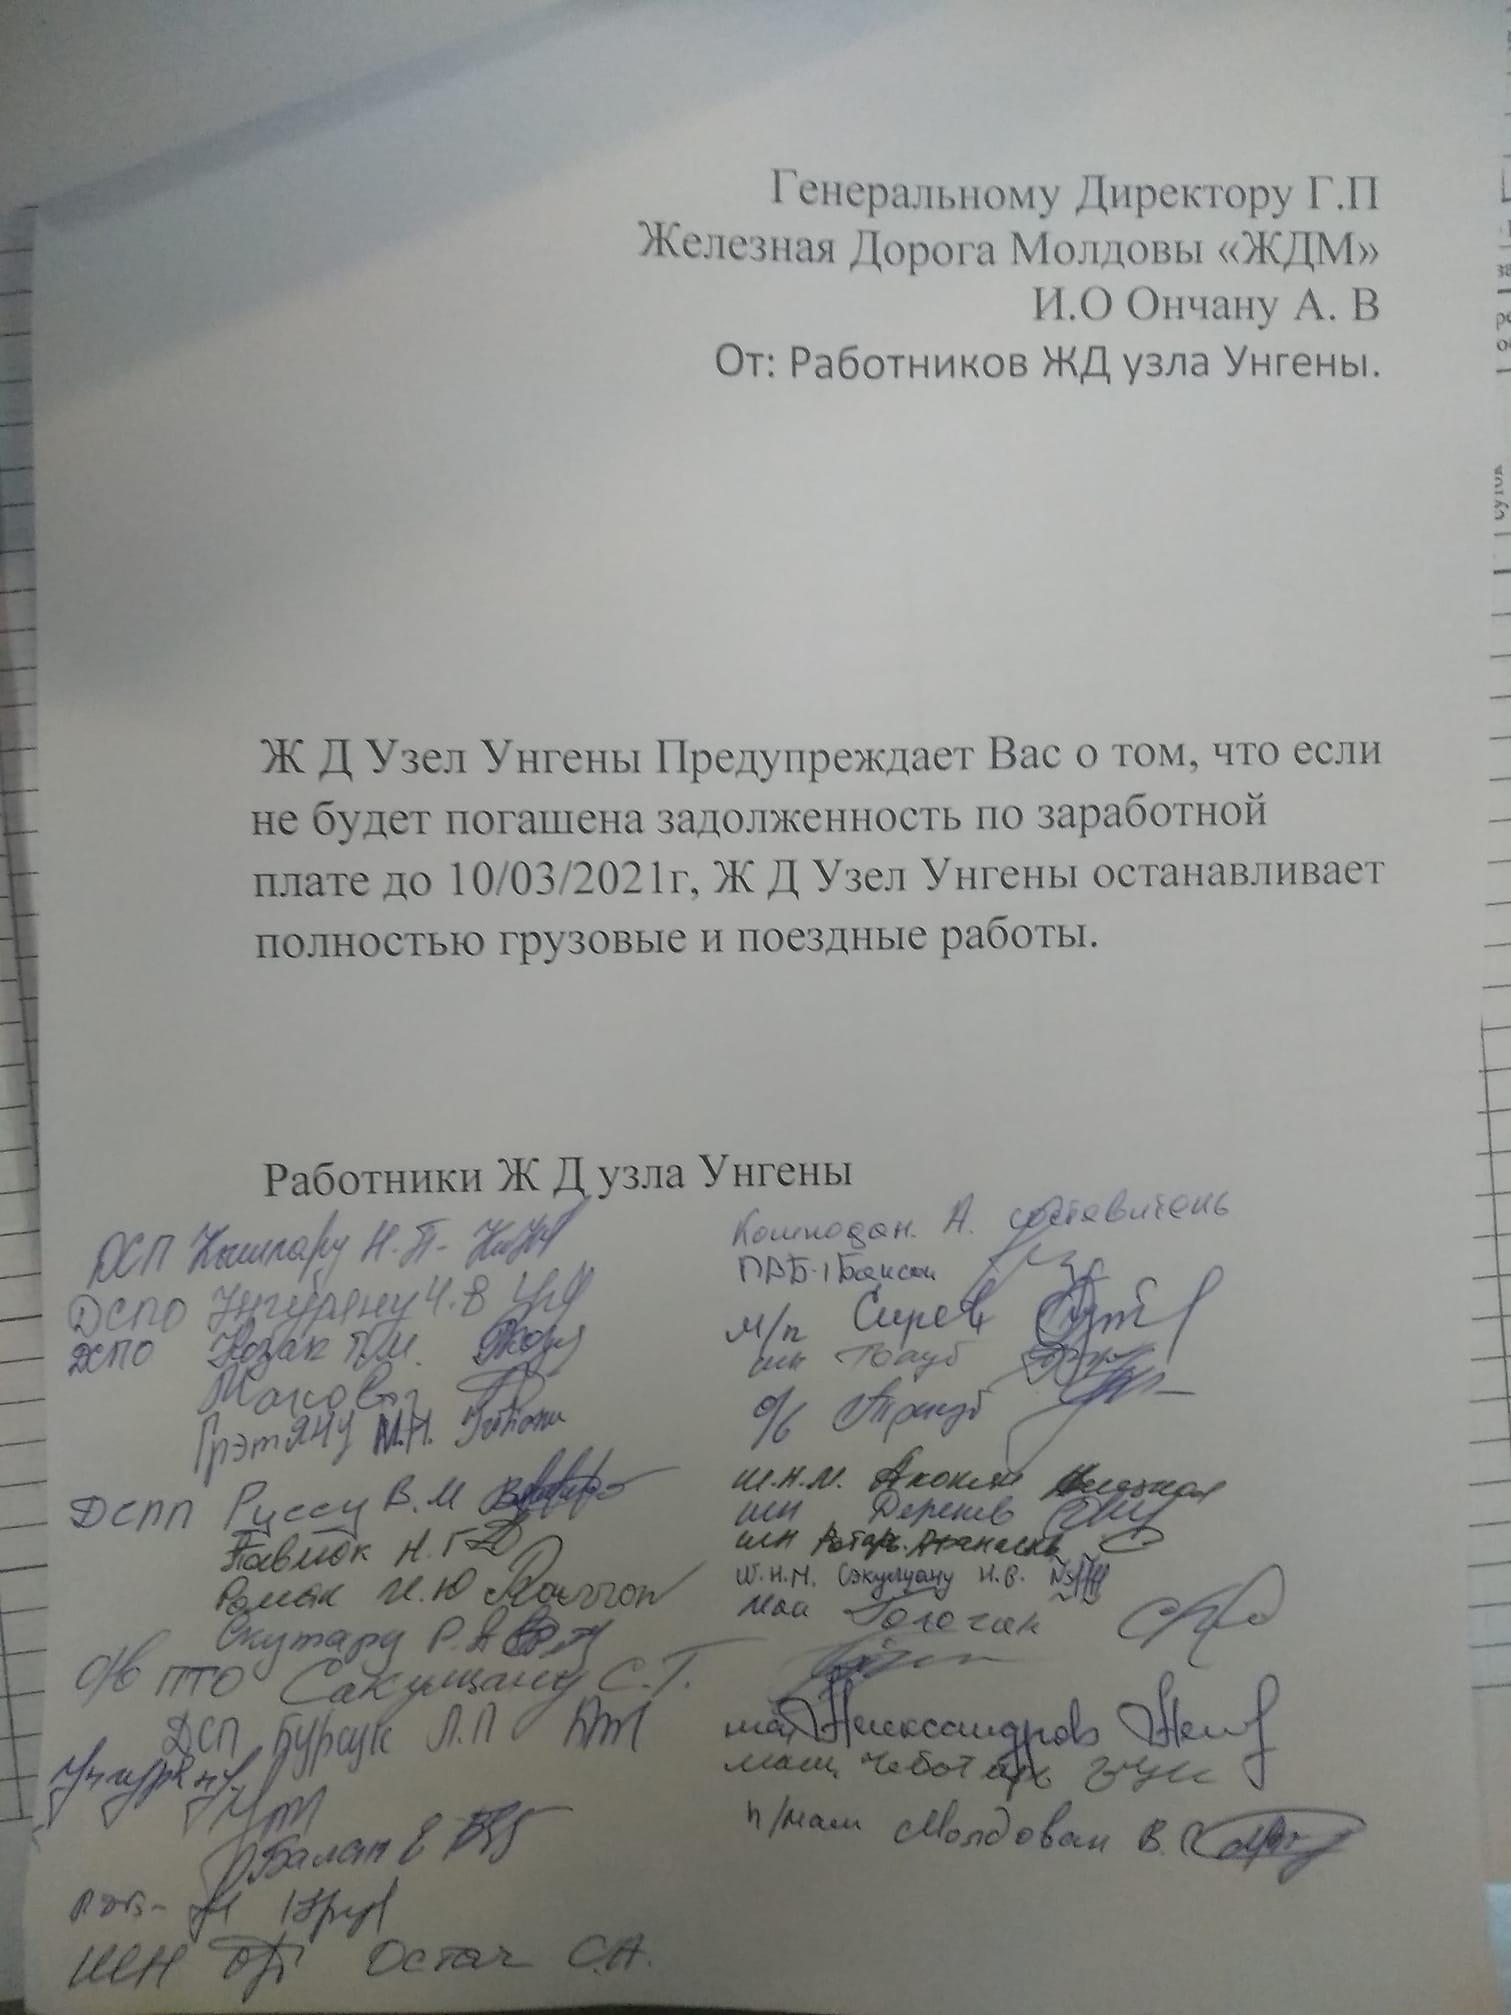 Железнодорожники вУнгенах предъявили ультиматум главе ЖДМ. Они требуют выплатить имзарплату